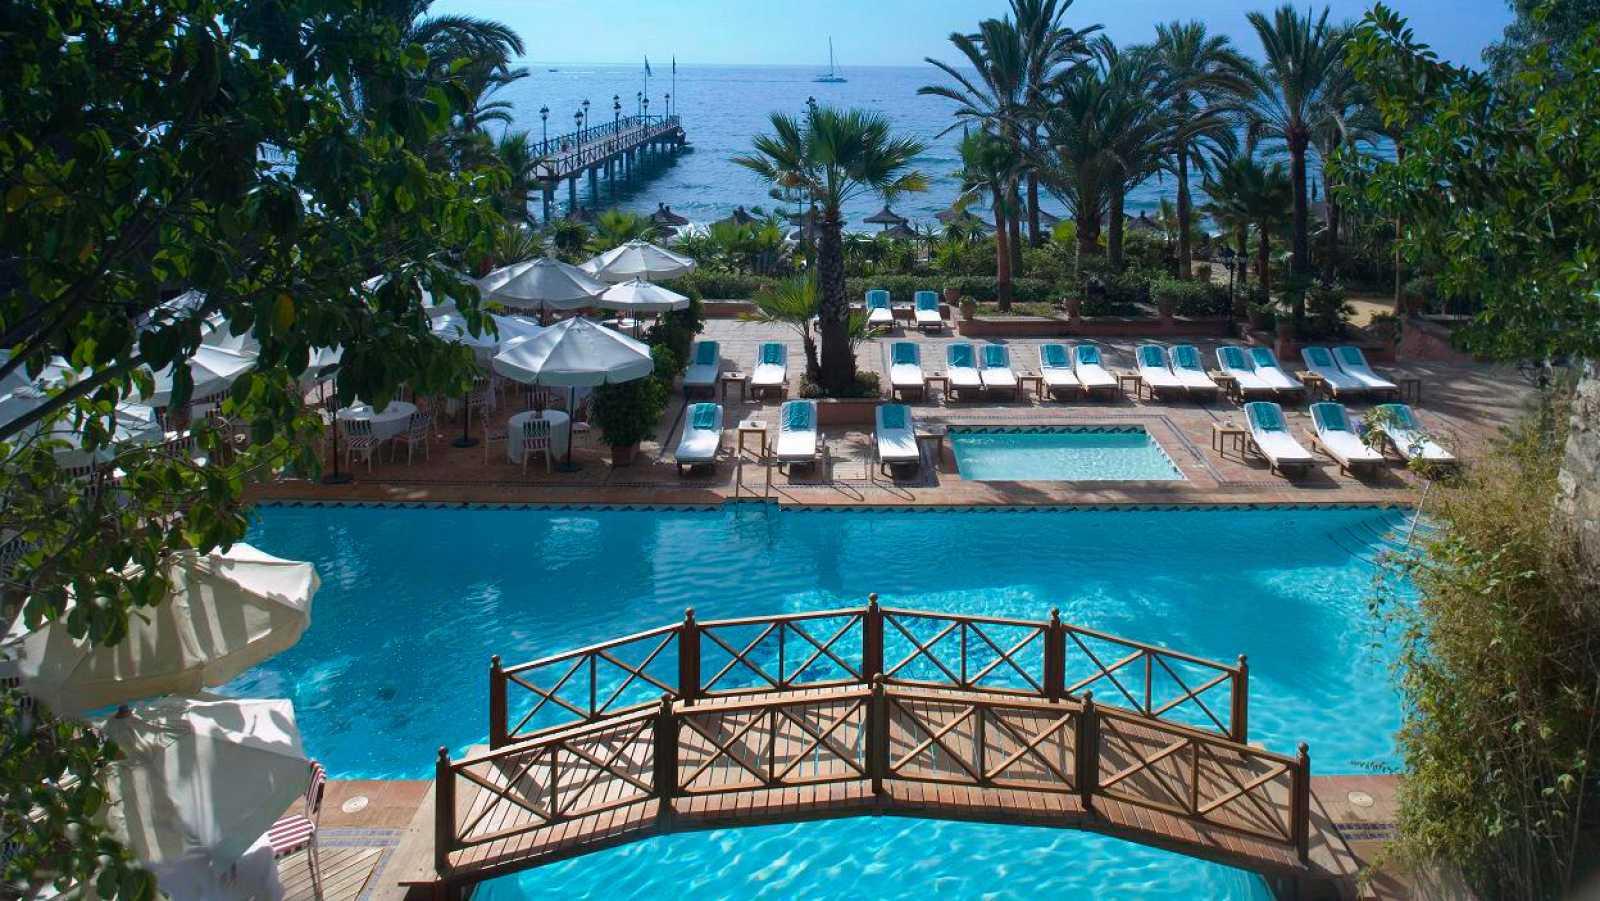 En clave Turismo - Referente del turismo en Marbella - 25/02/21 - escuchar ahora